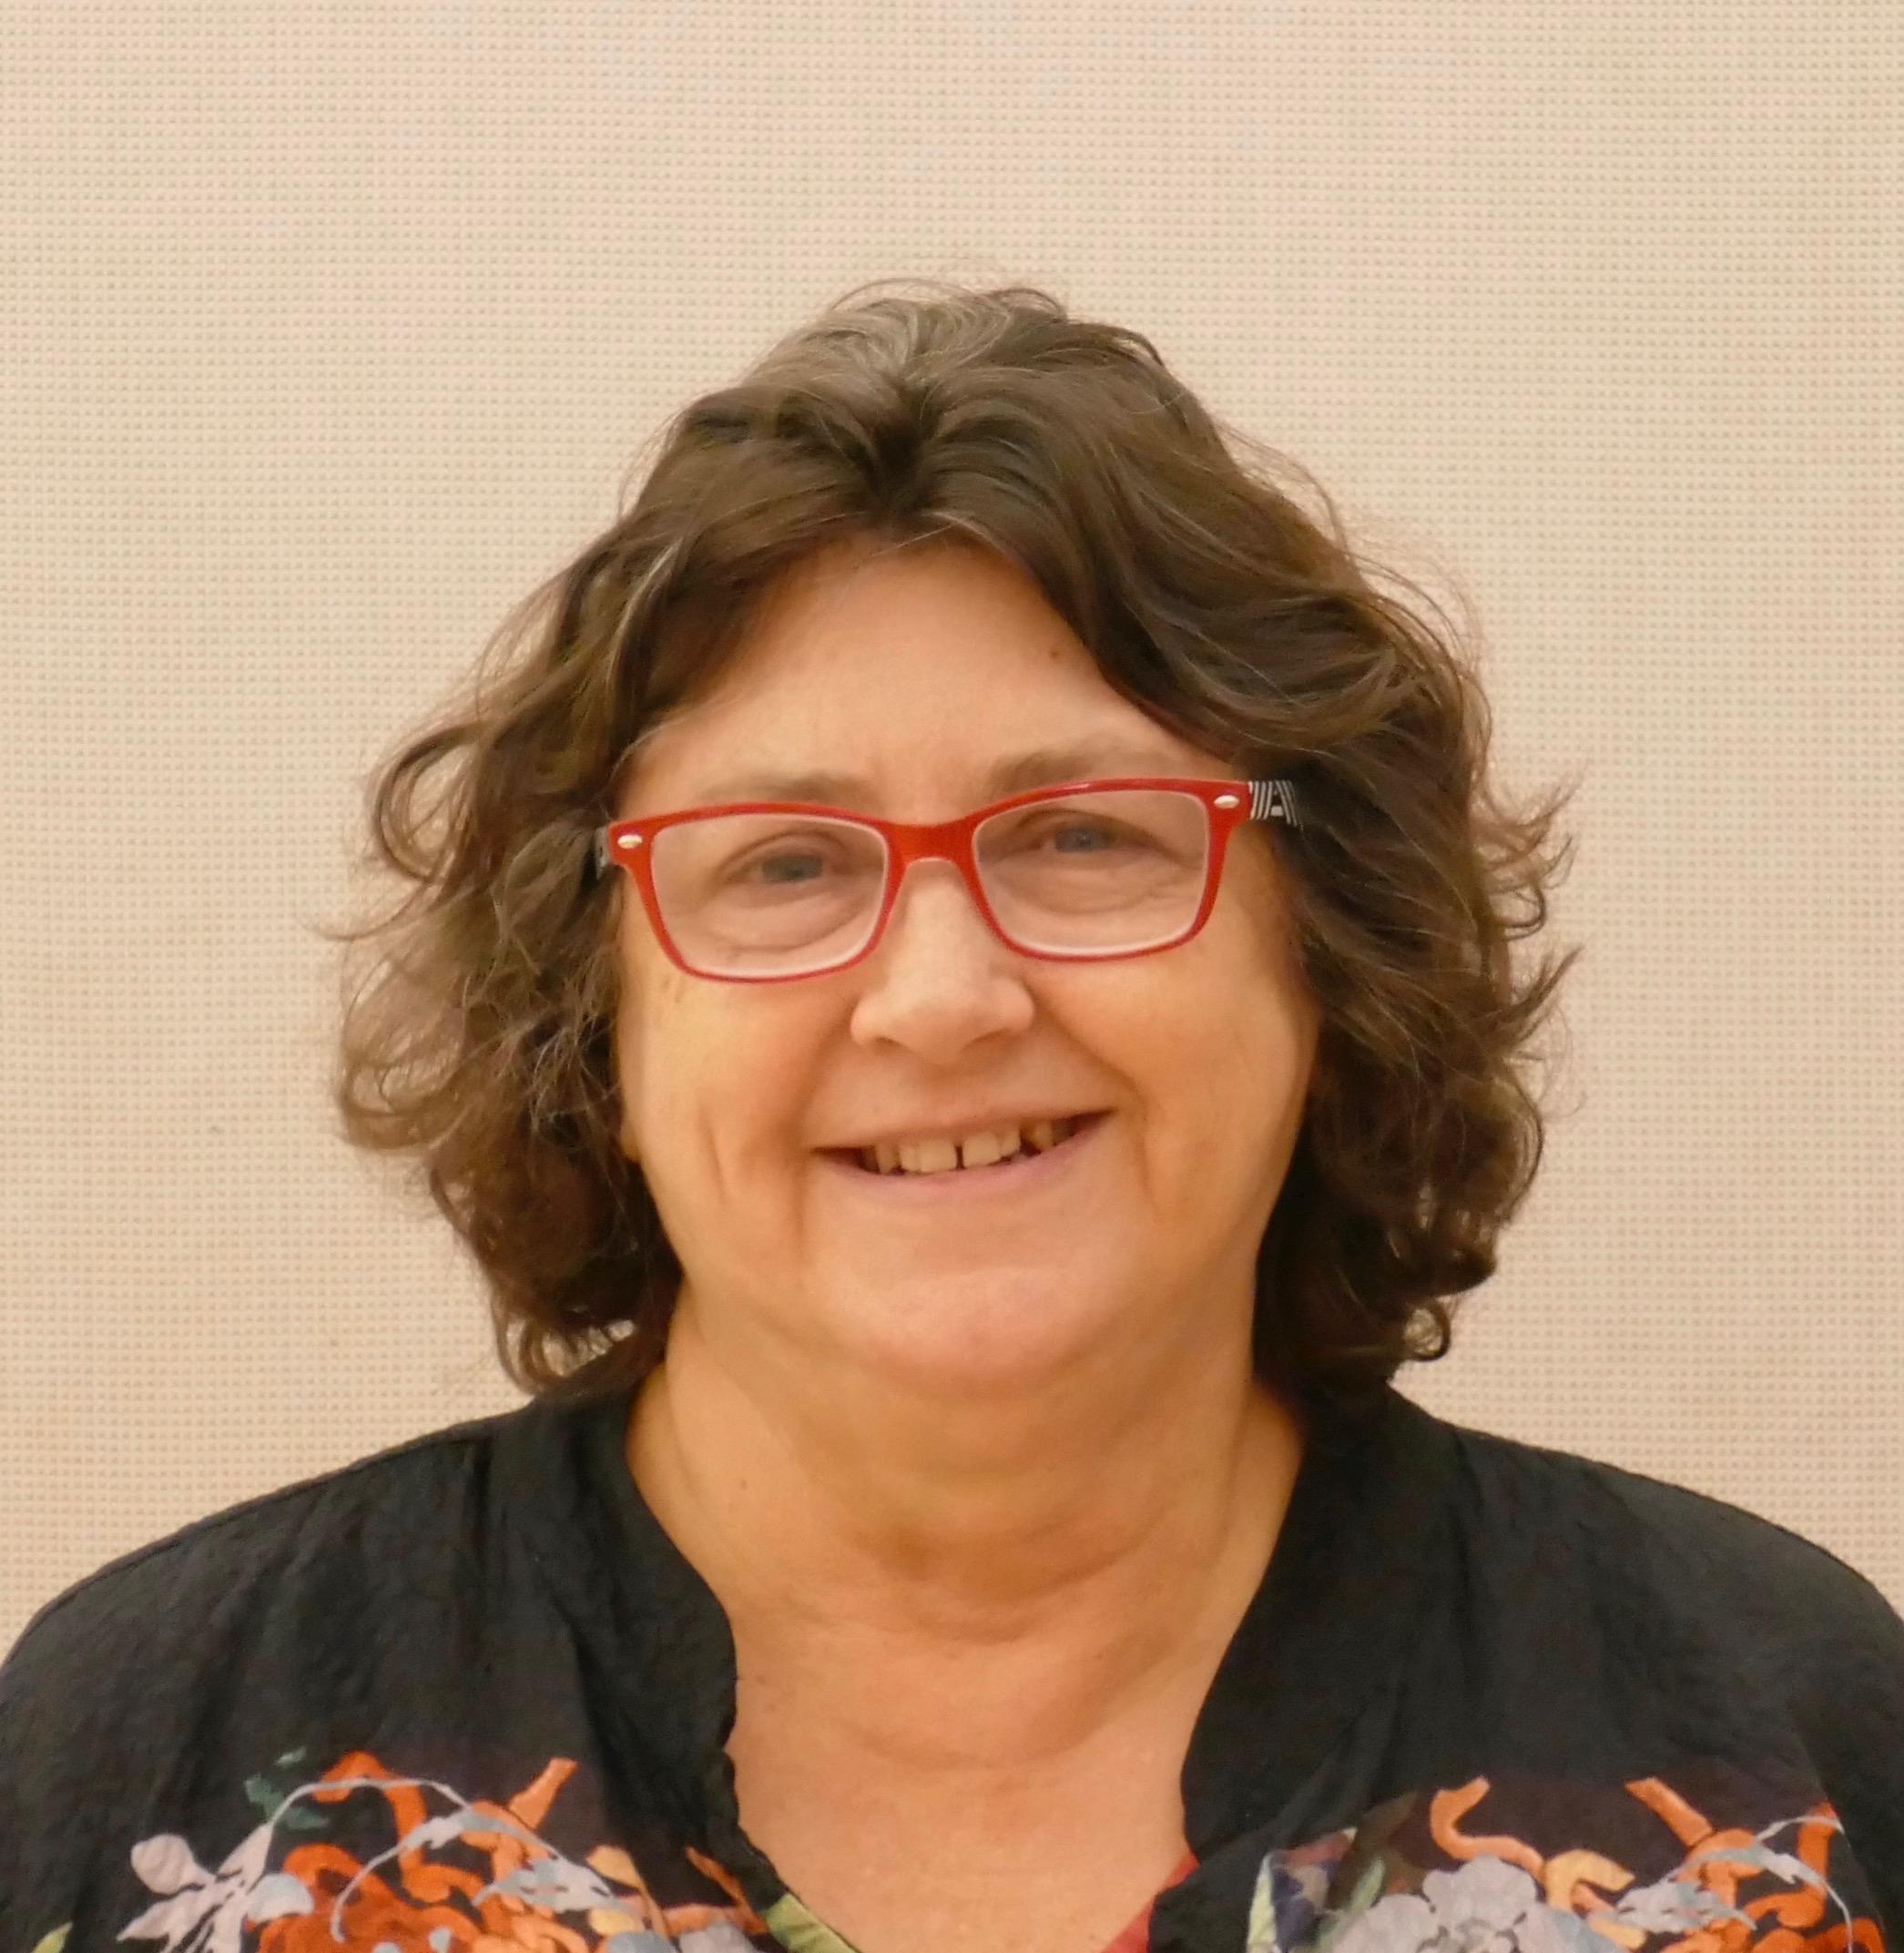 Marie Jobling